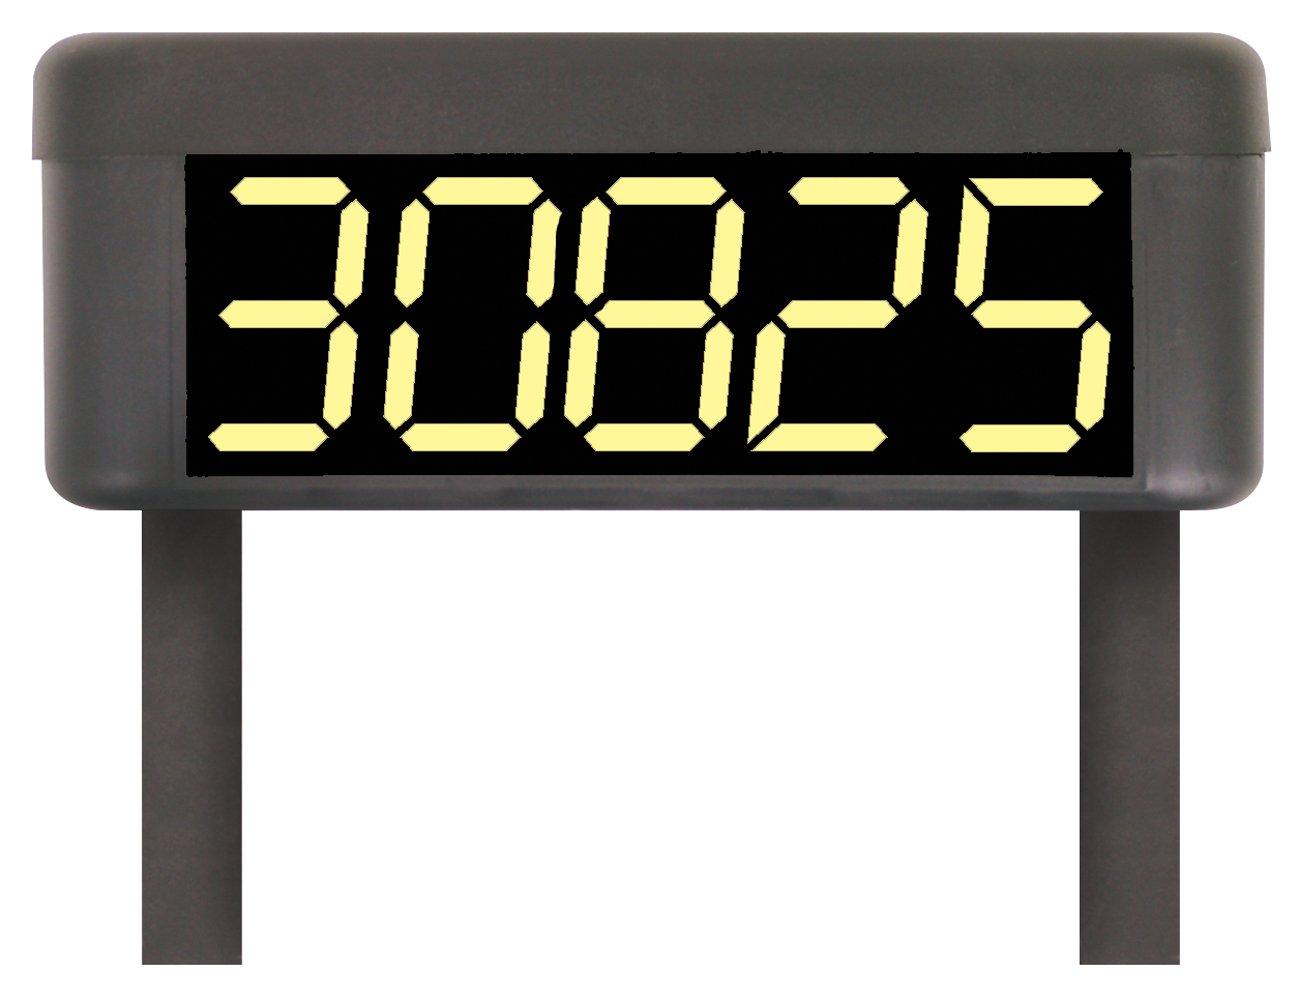 safety technology inc sti30325 solar powered lighted house number illuminated house number sign amazoncom